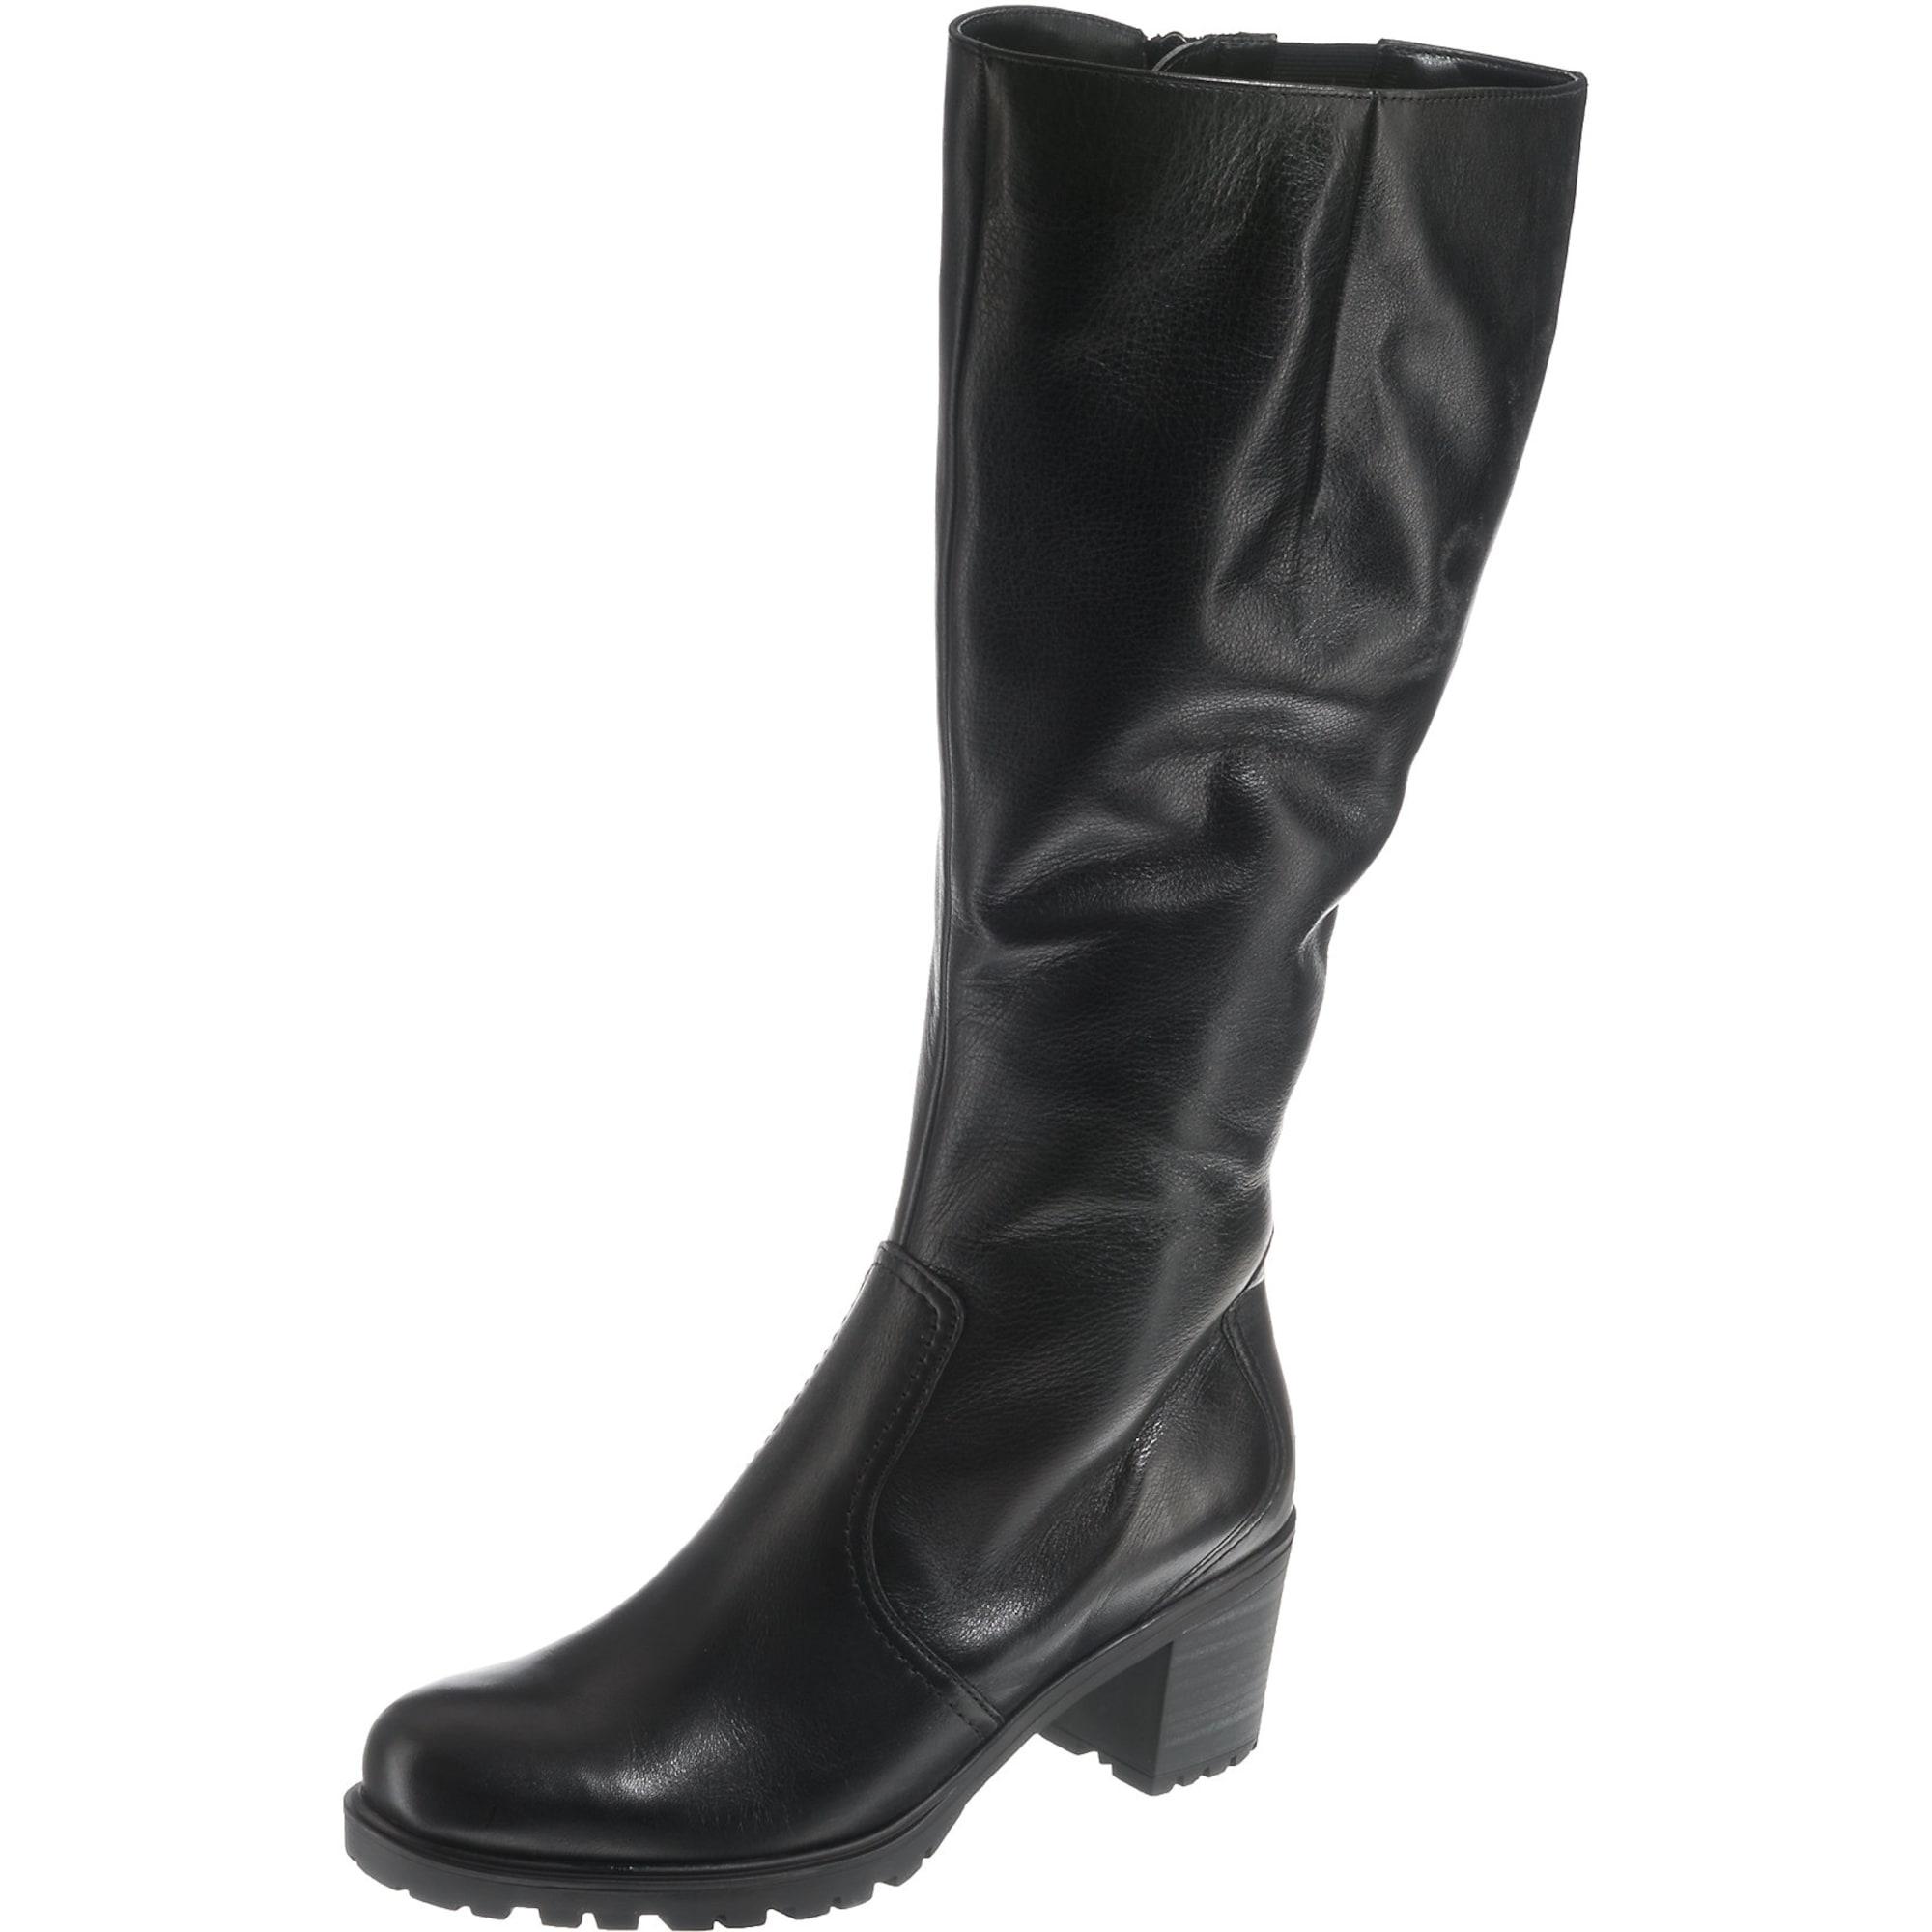 Stiefel | Schuhe > Stiefel > Sonstige Stiefel | ARA